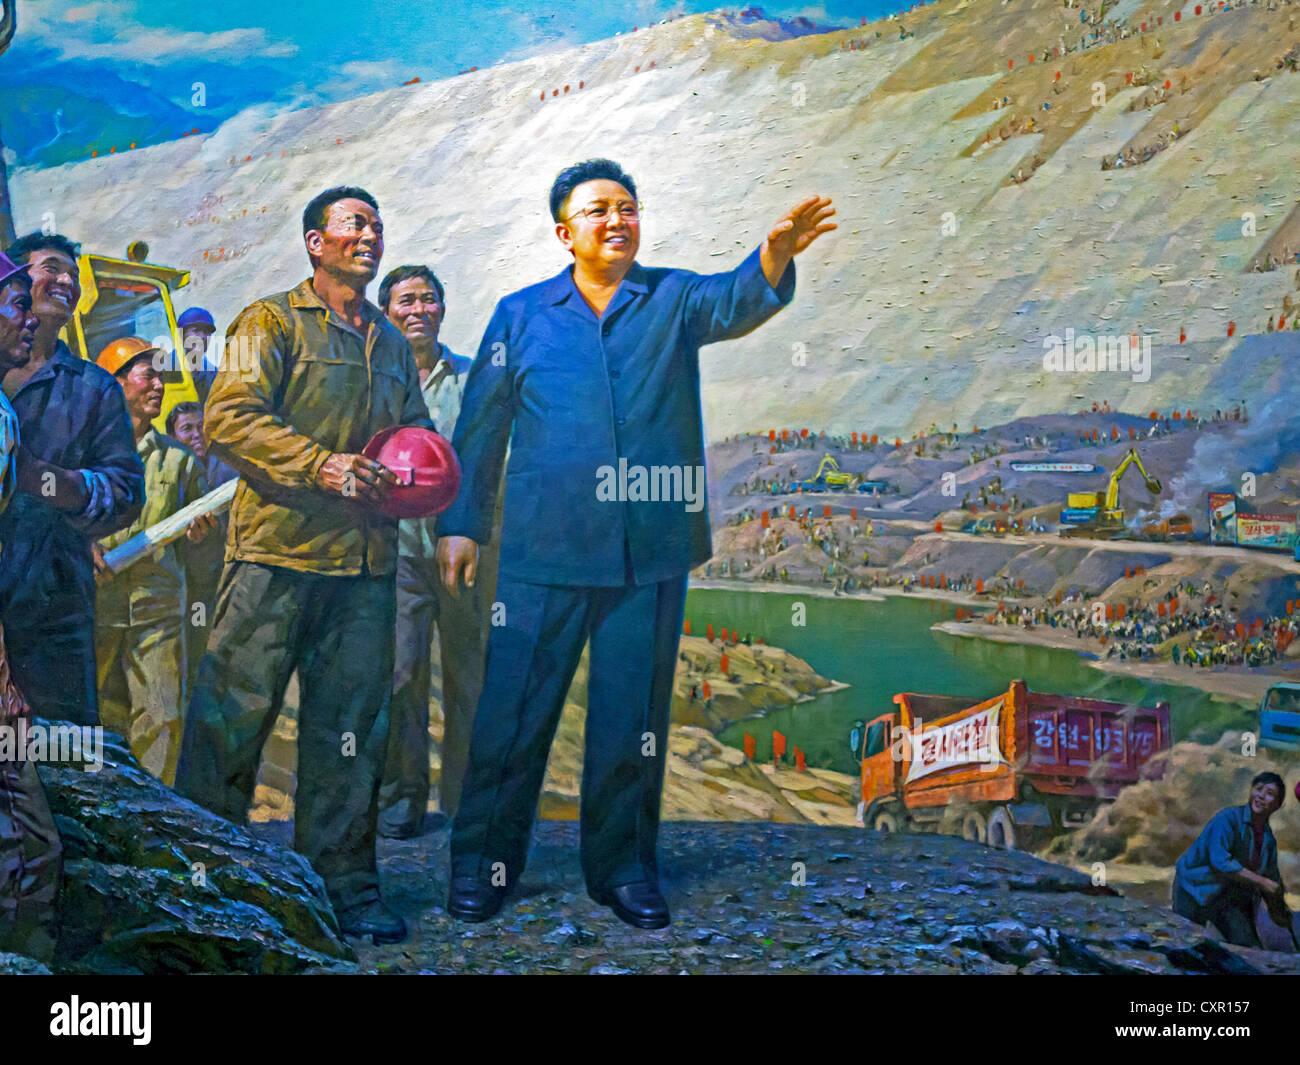 Democratic Peoples's Republic of Korea (DPRK), North Korea, Pyongyang, Painting in the Korean Art Museum of - Stock Image